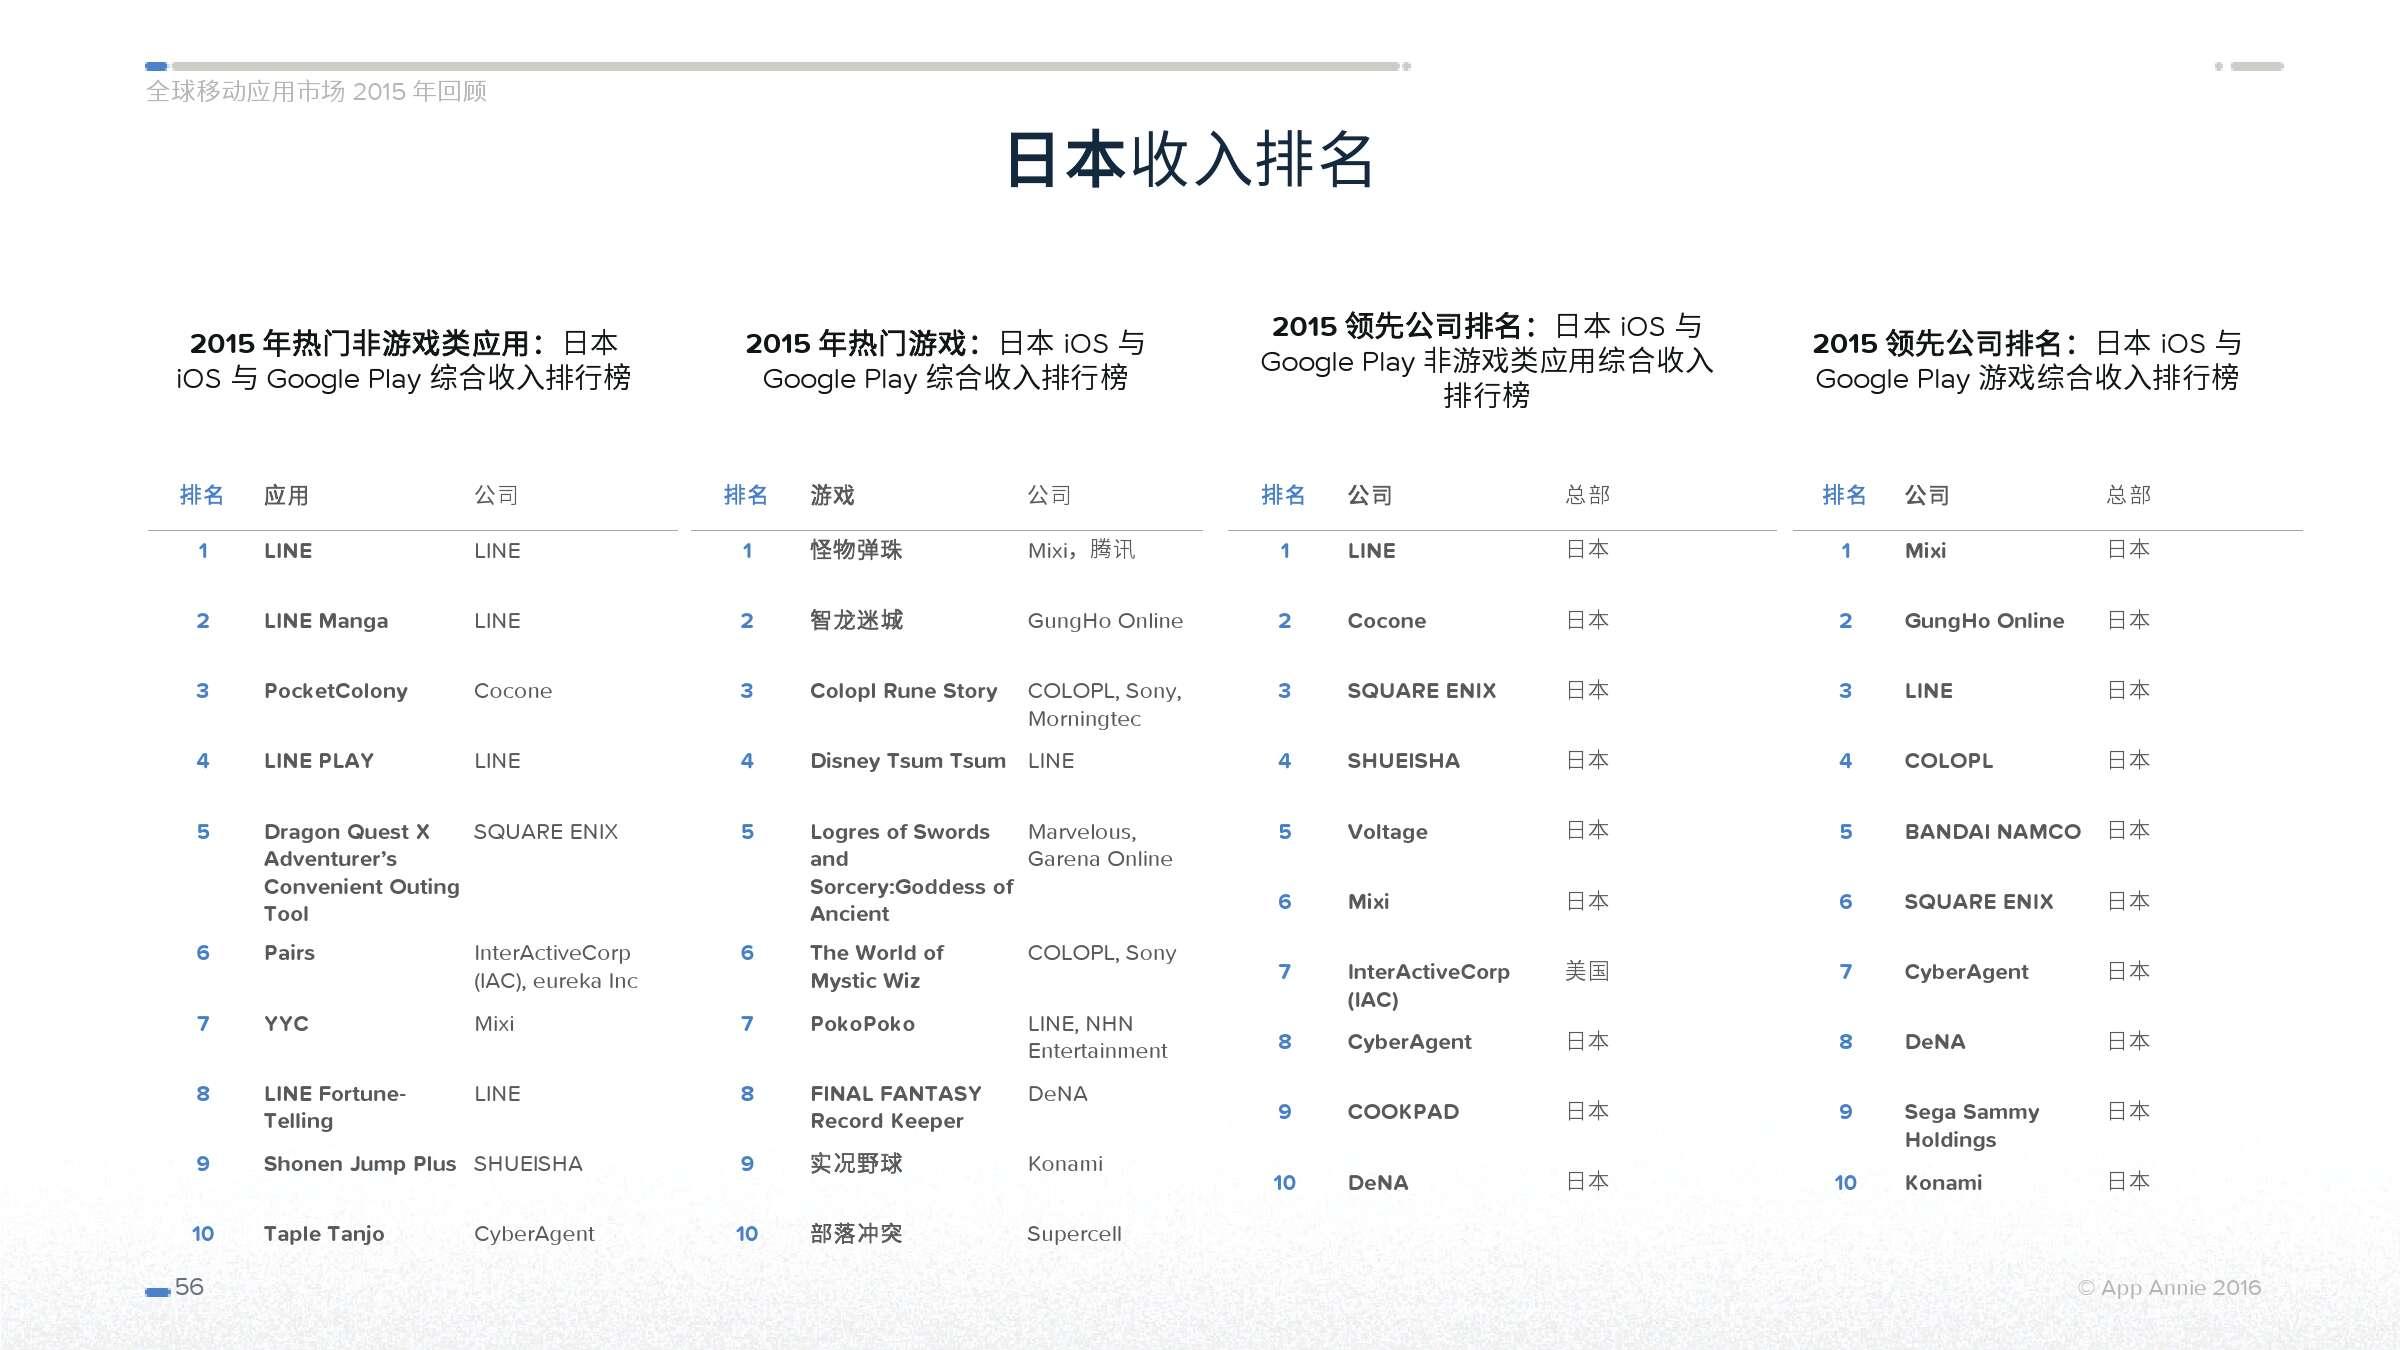 App Annie 全球移动应用市场 2015 年回顾_000056